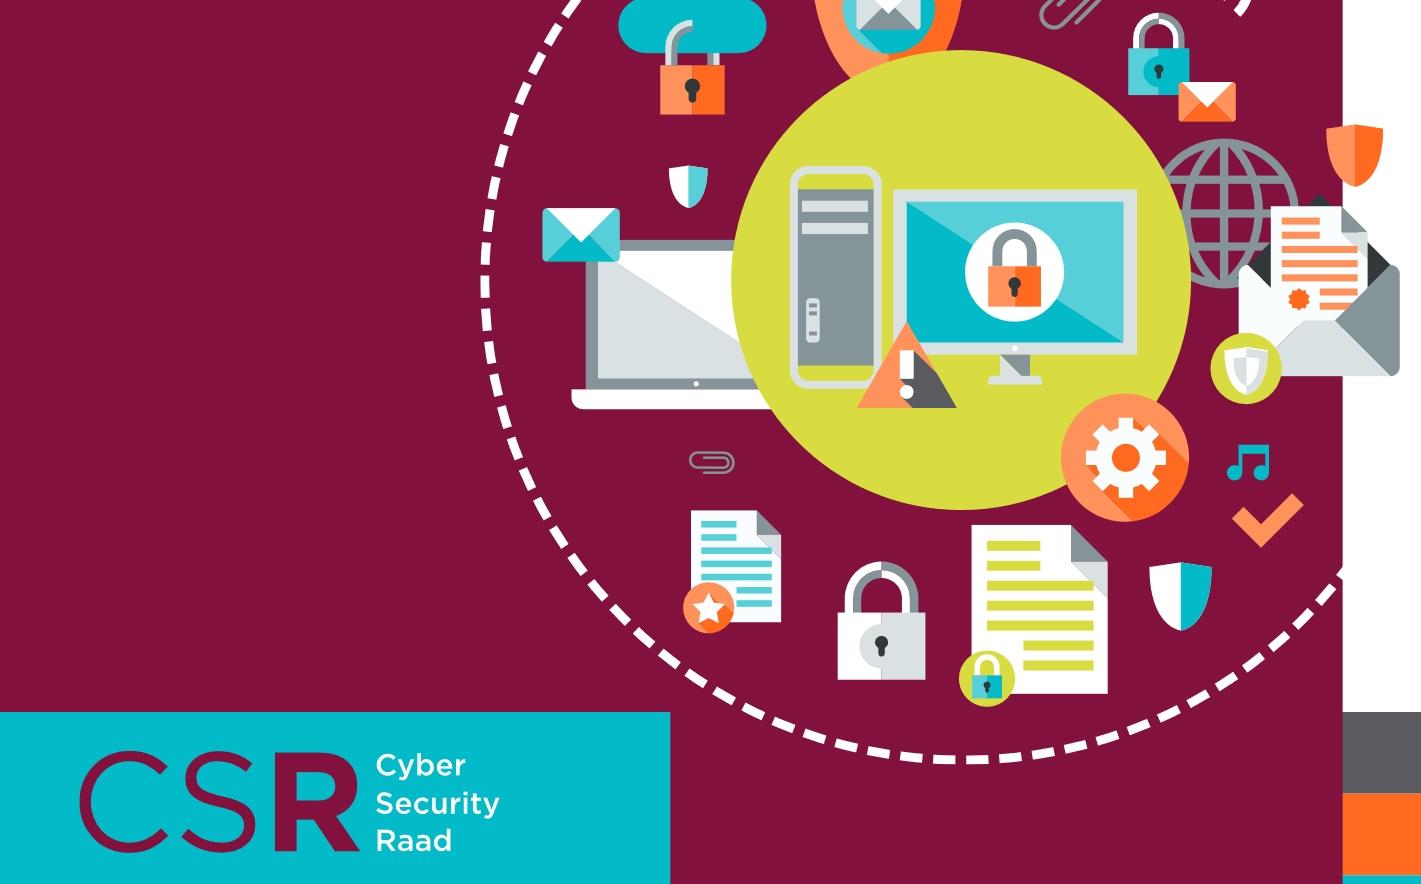 CSR wil dat meer bedrijven worden gewaarschuwd bij cyberaanval